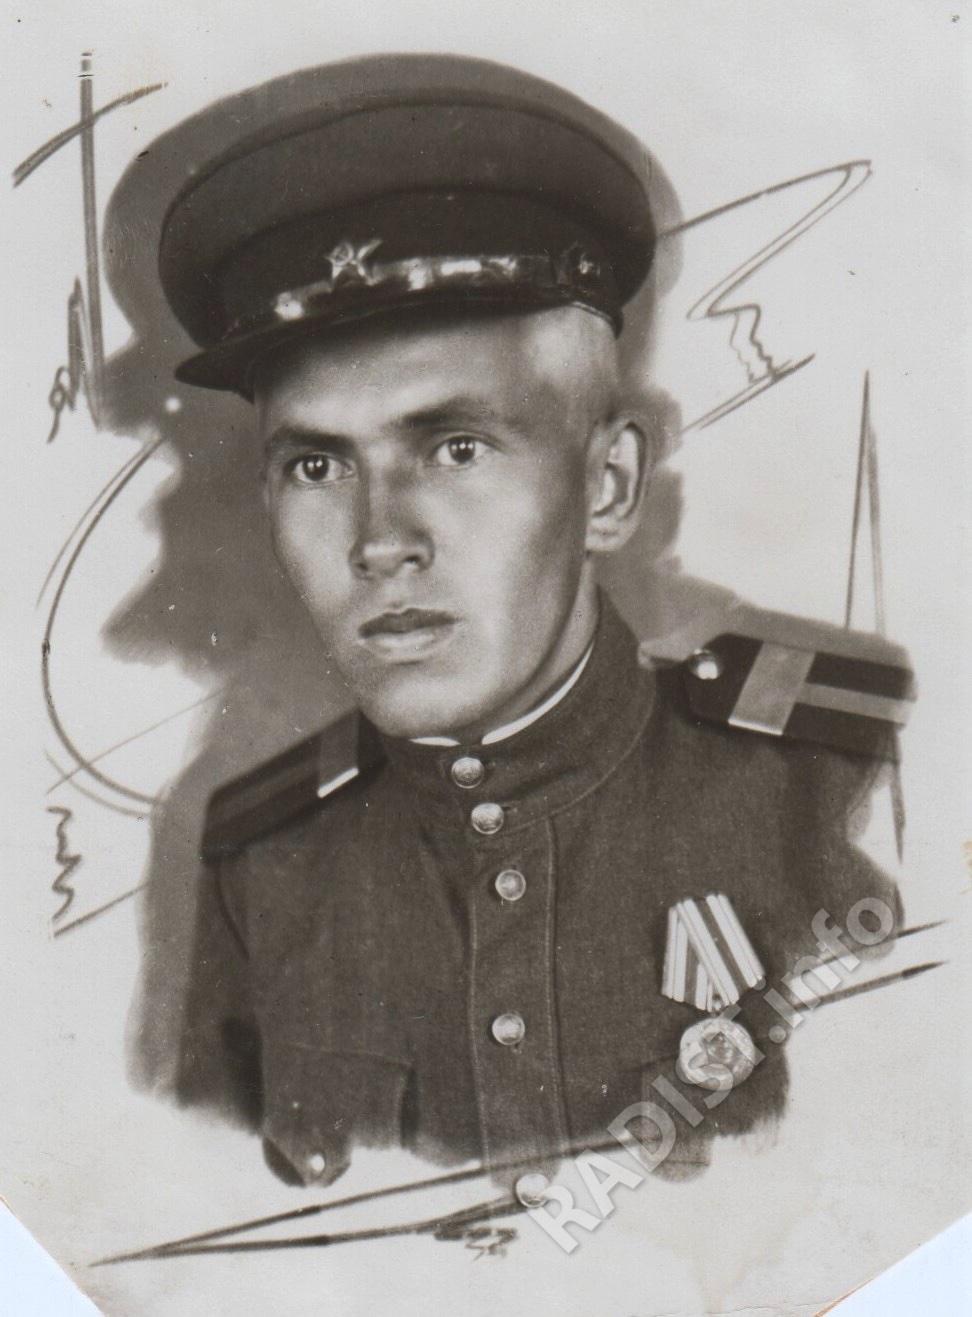 Пешков Борис Ильич, старшина, радист 1 класса, 1945 г.